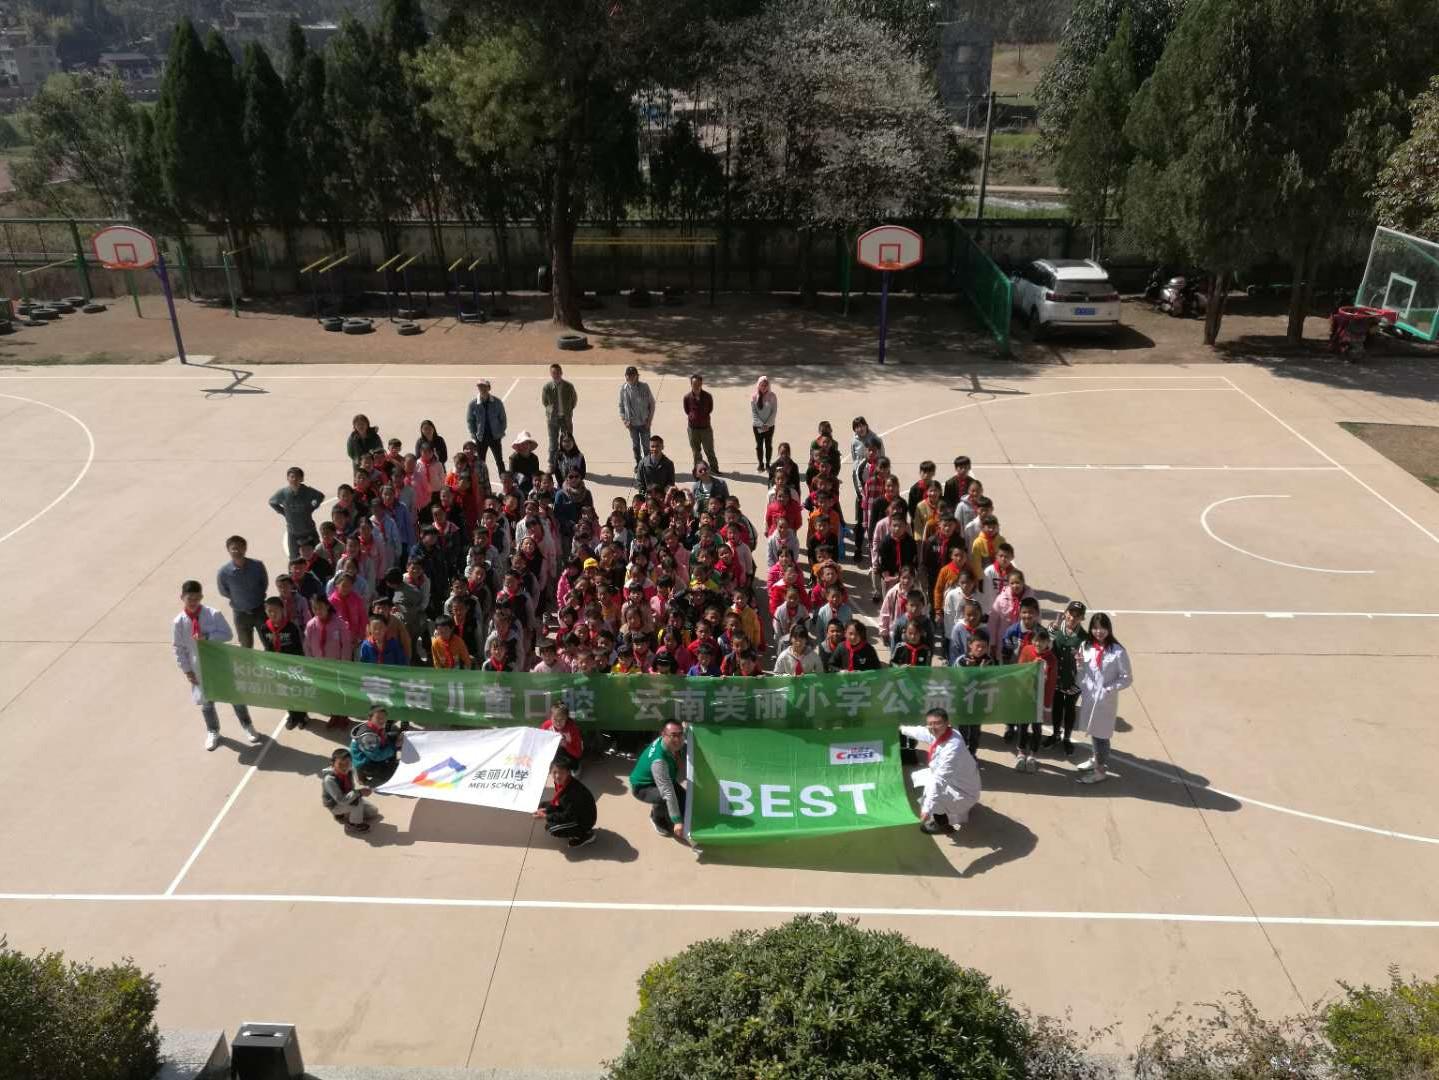 Xinlong Meili Elementary School